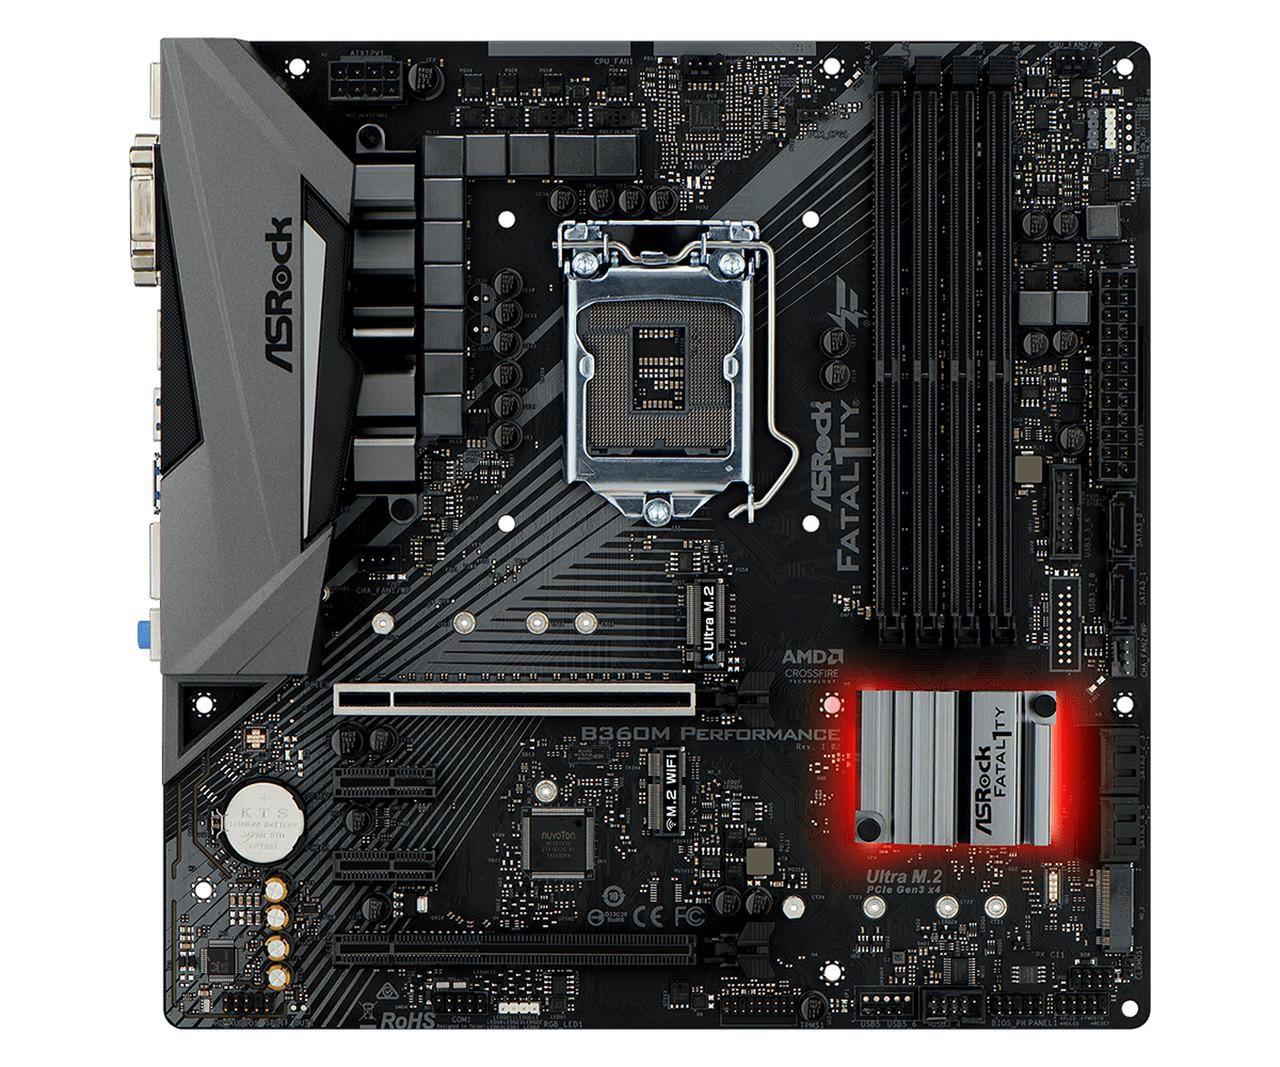 Placa Mãe ASROCK FATAL1TY B360M Performance DDR4 LGA 1151